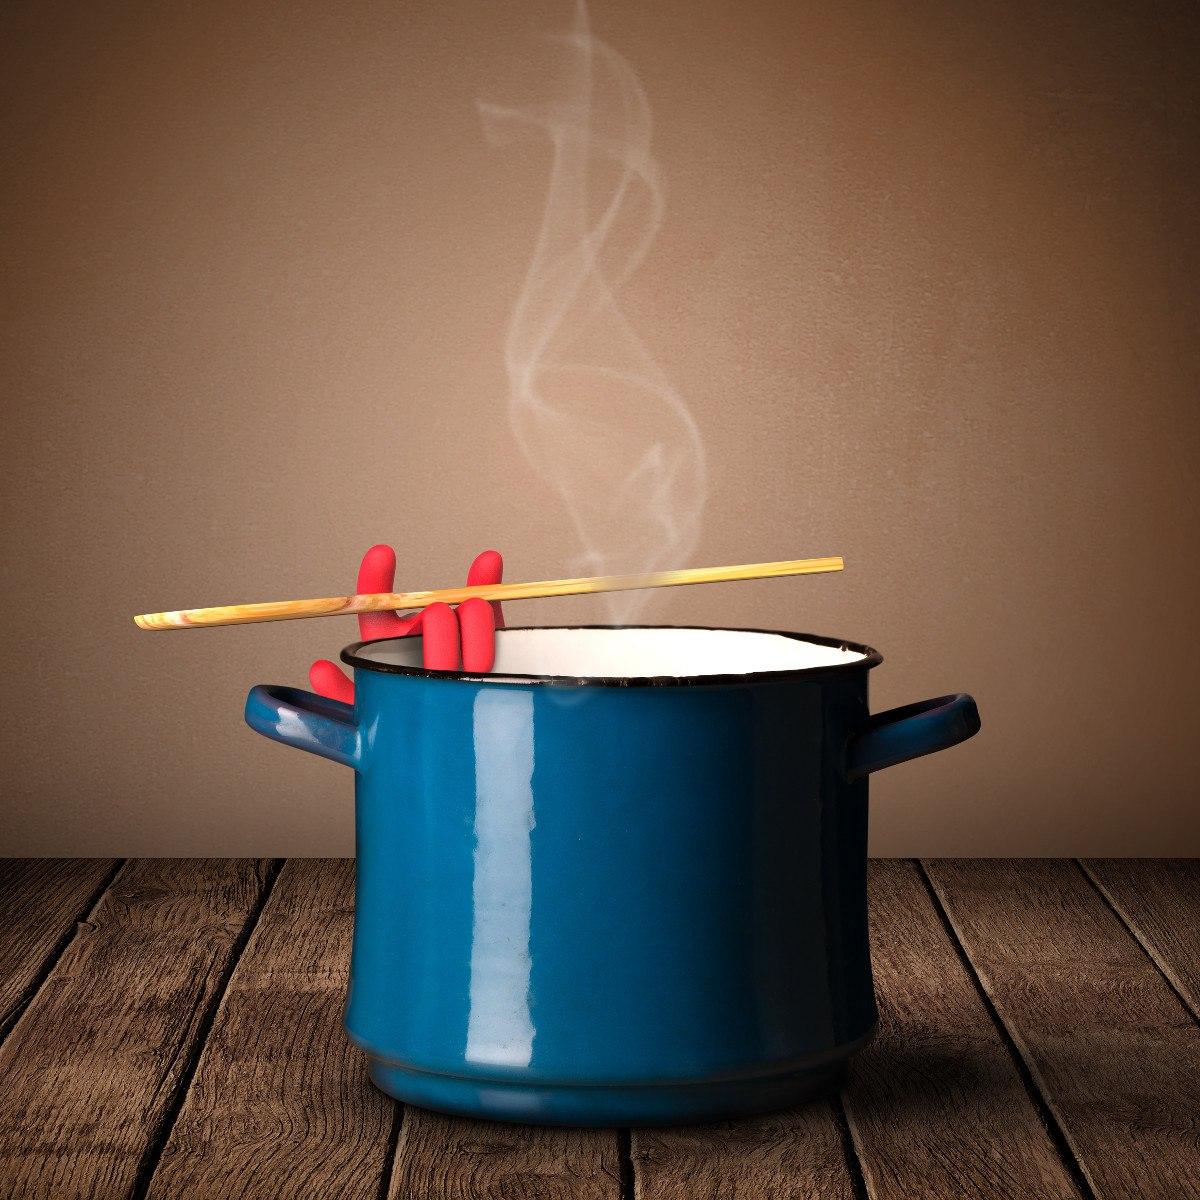 Kökshjälte- matlagningsassistent